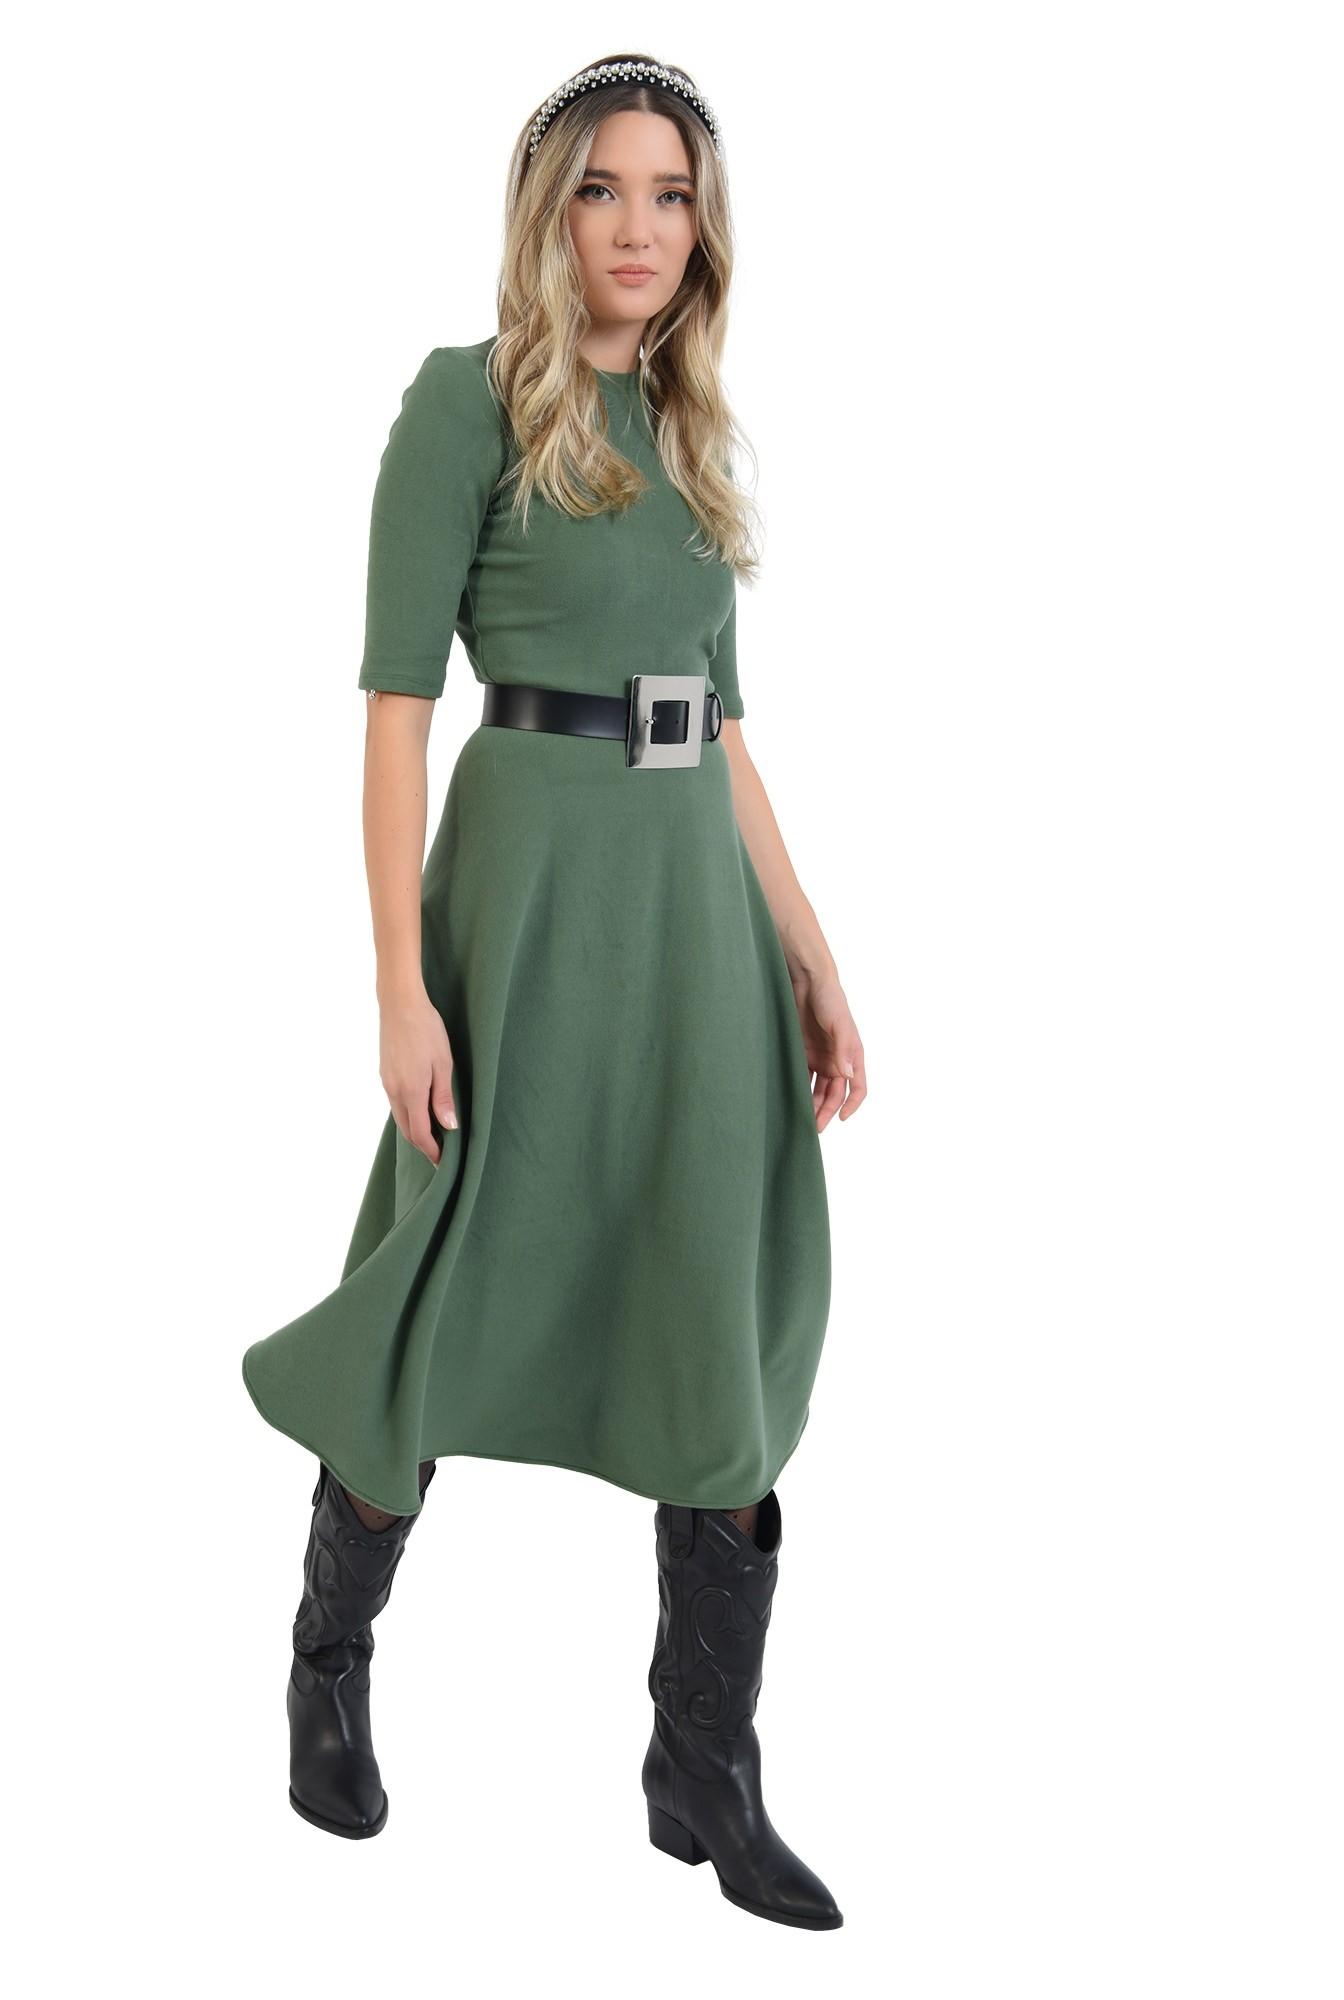 360 - rochie midi, verde, din jerseu, cu guler